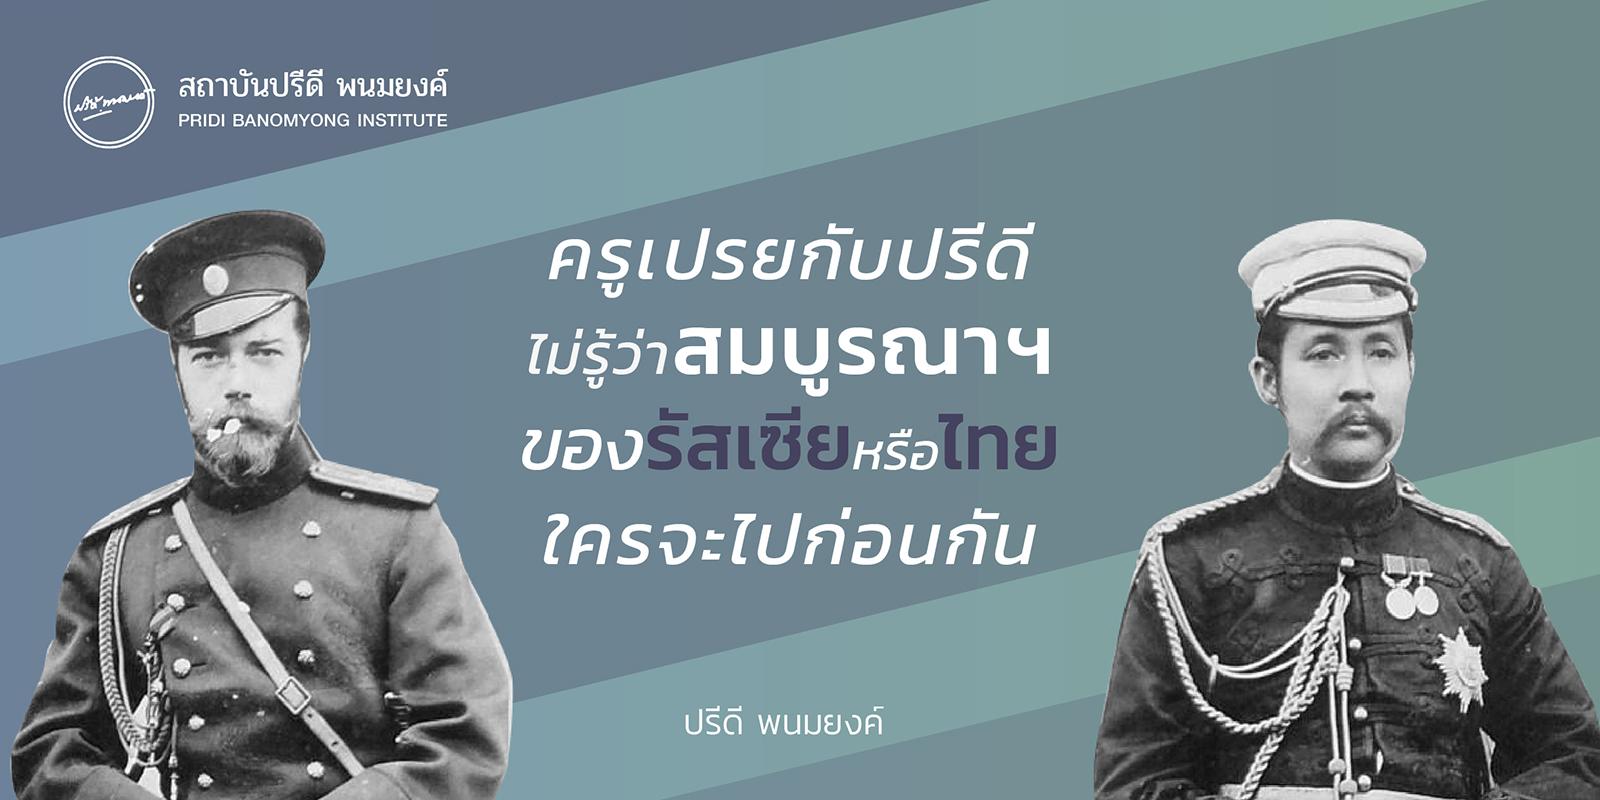 ครูเปรยกับปรีดี ไม่รู้ว่าสมบูรณาฯ ของรัสเซียหรือไทย ใครจะไปก่อนกัน